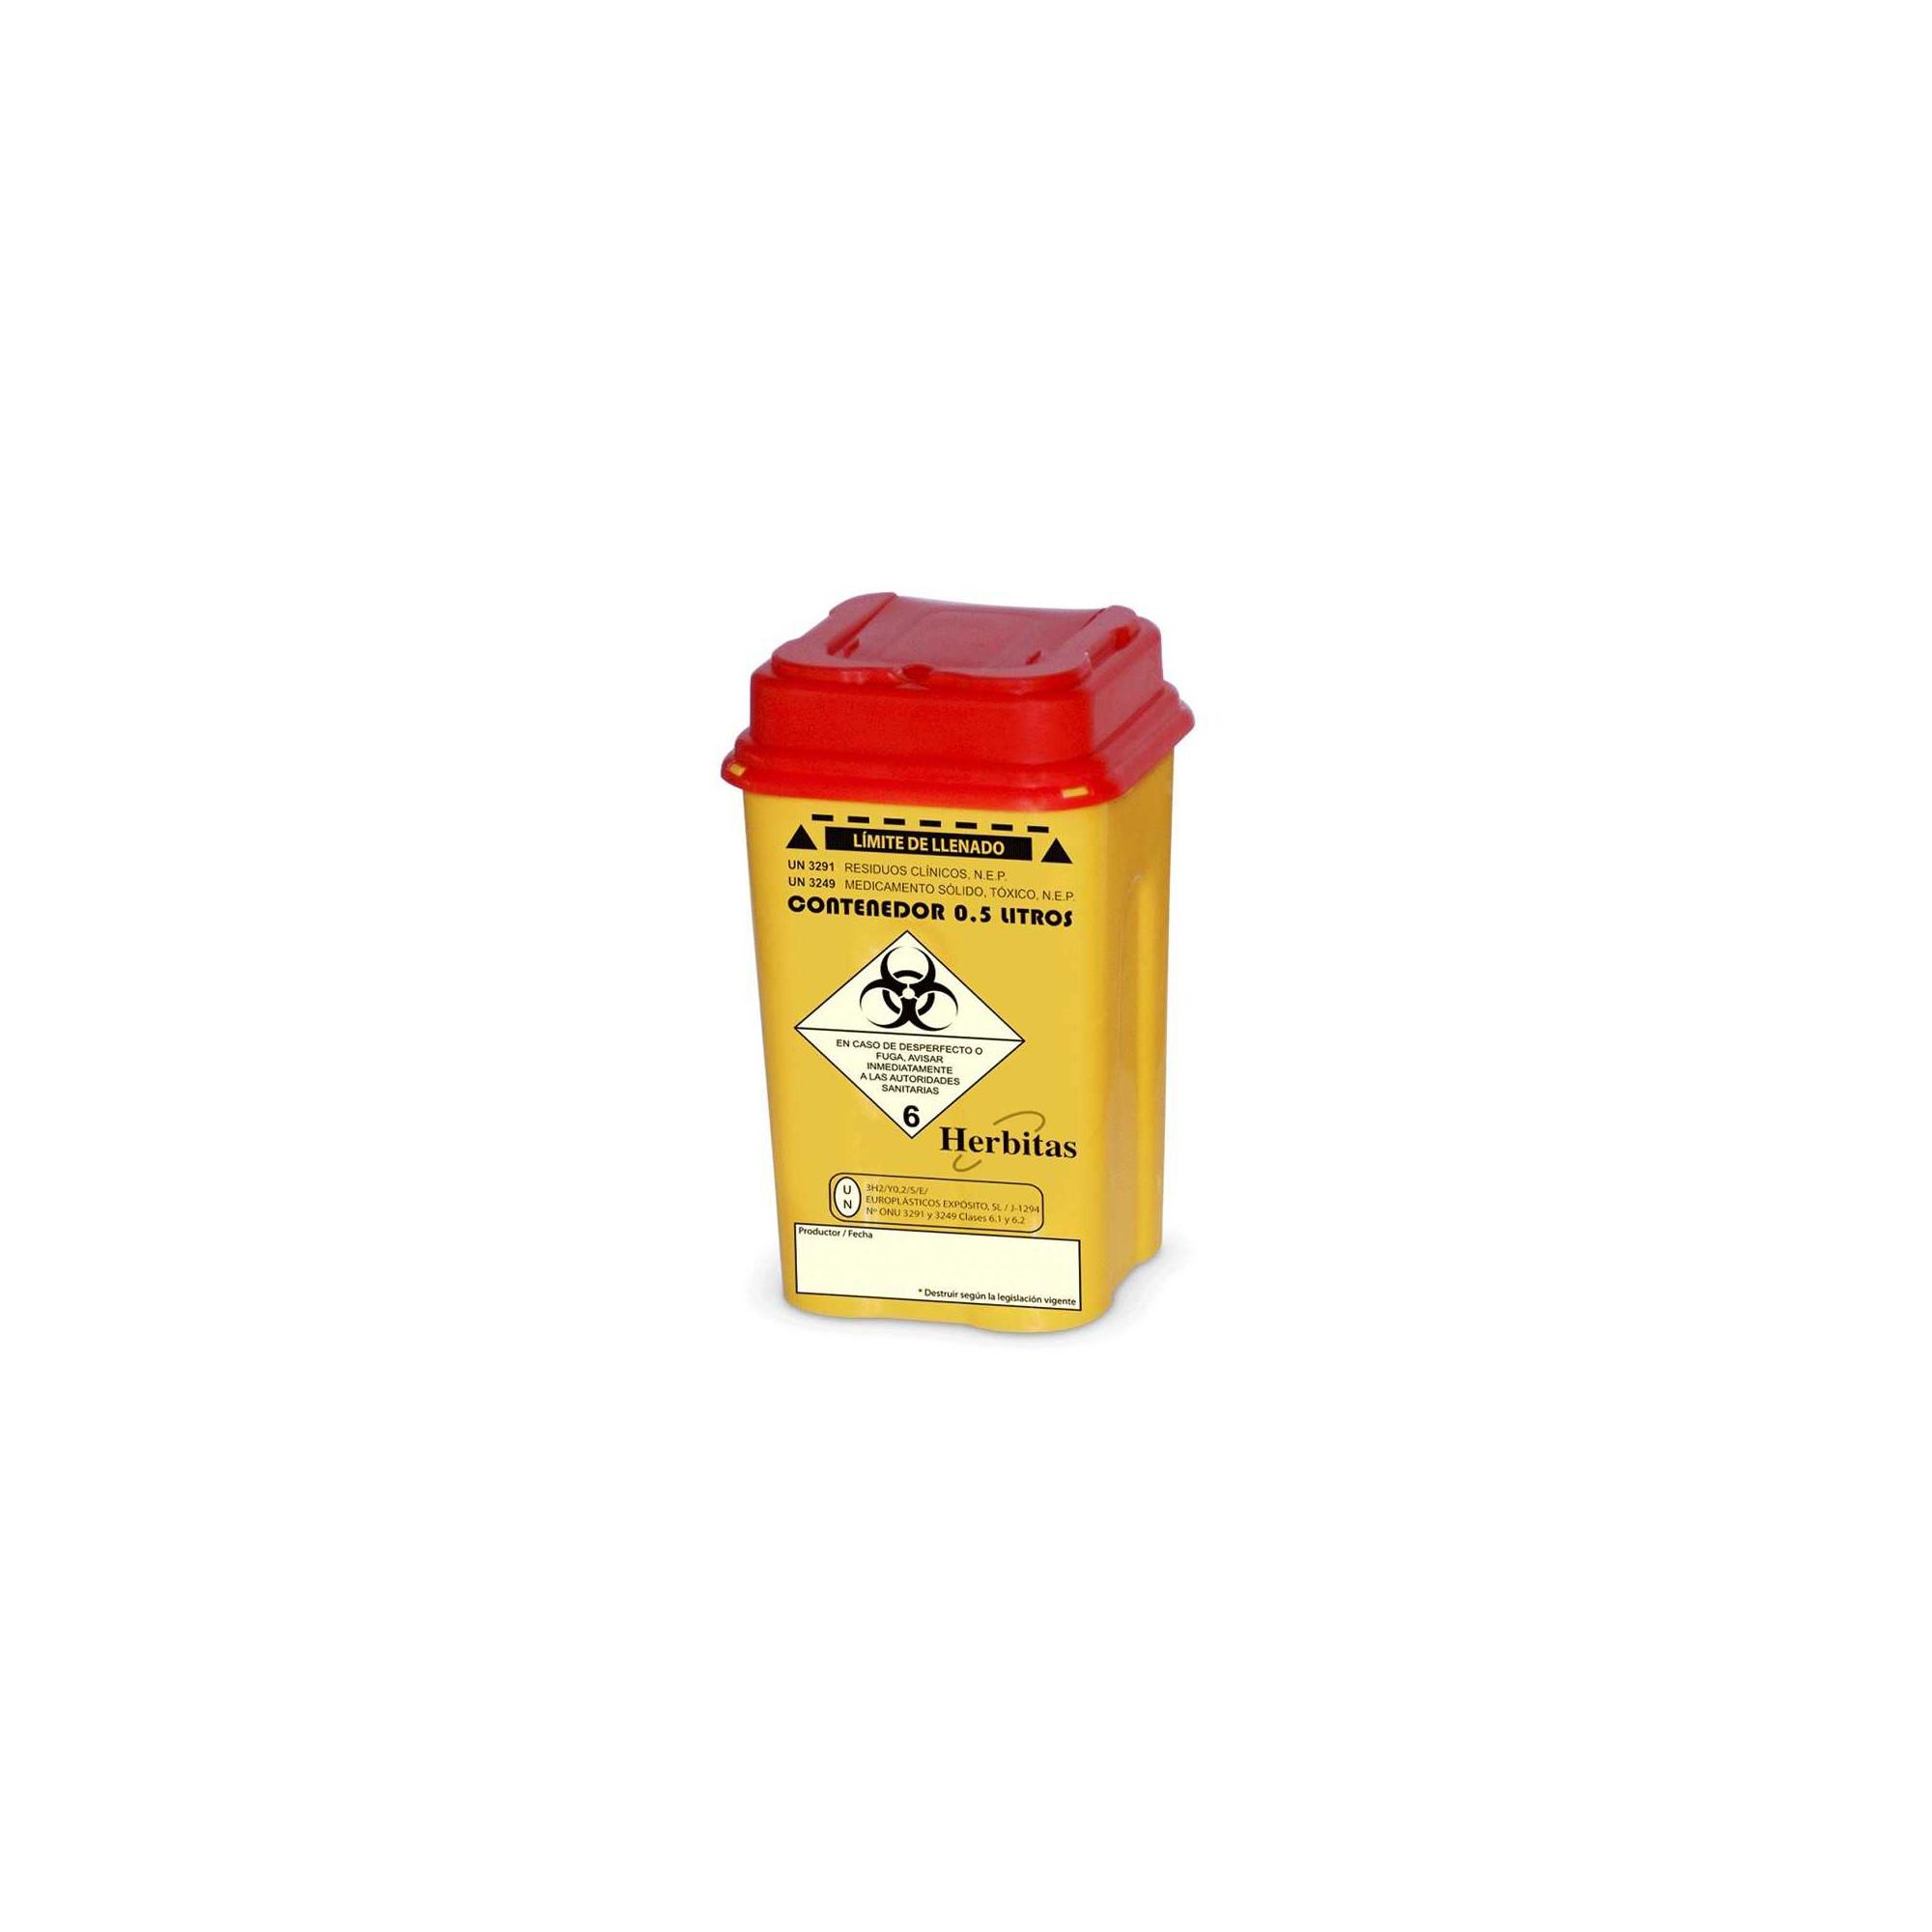 Bac de récupération de lames - Herbitas